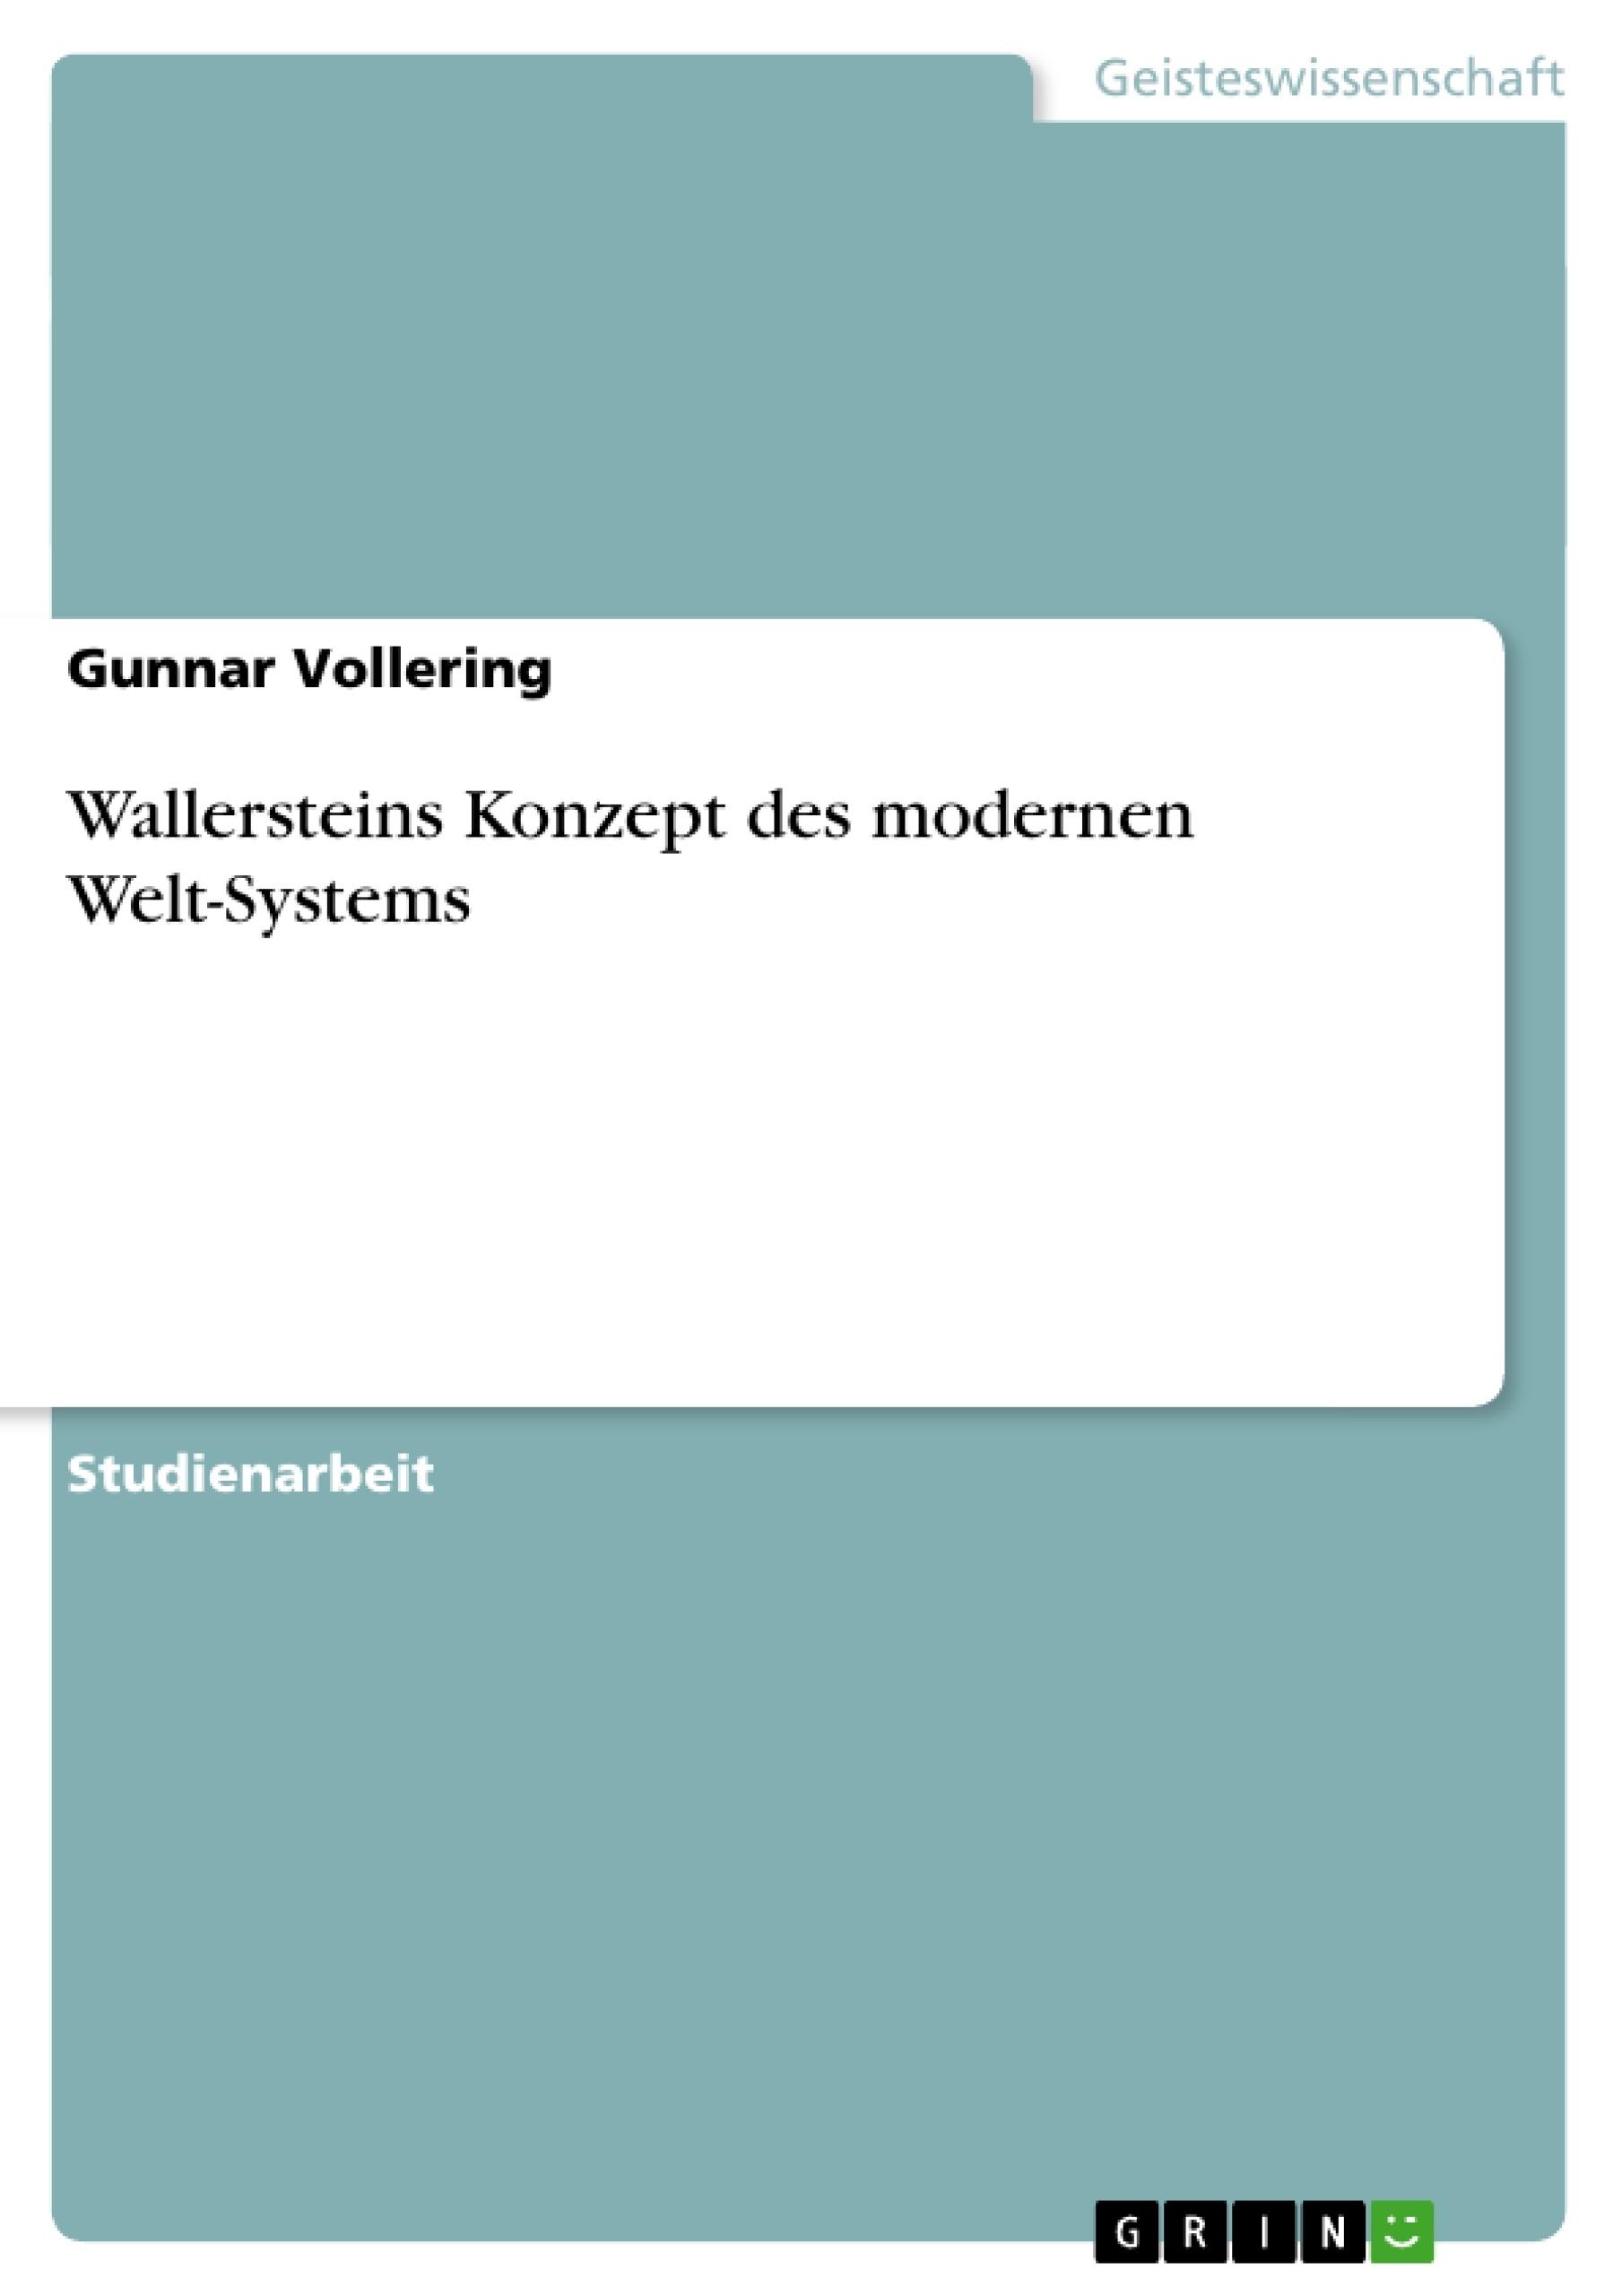 Titel: Wallersteins Konzept des modernen Welt-Systems